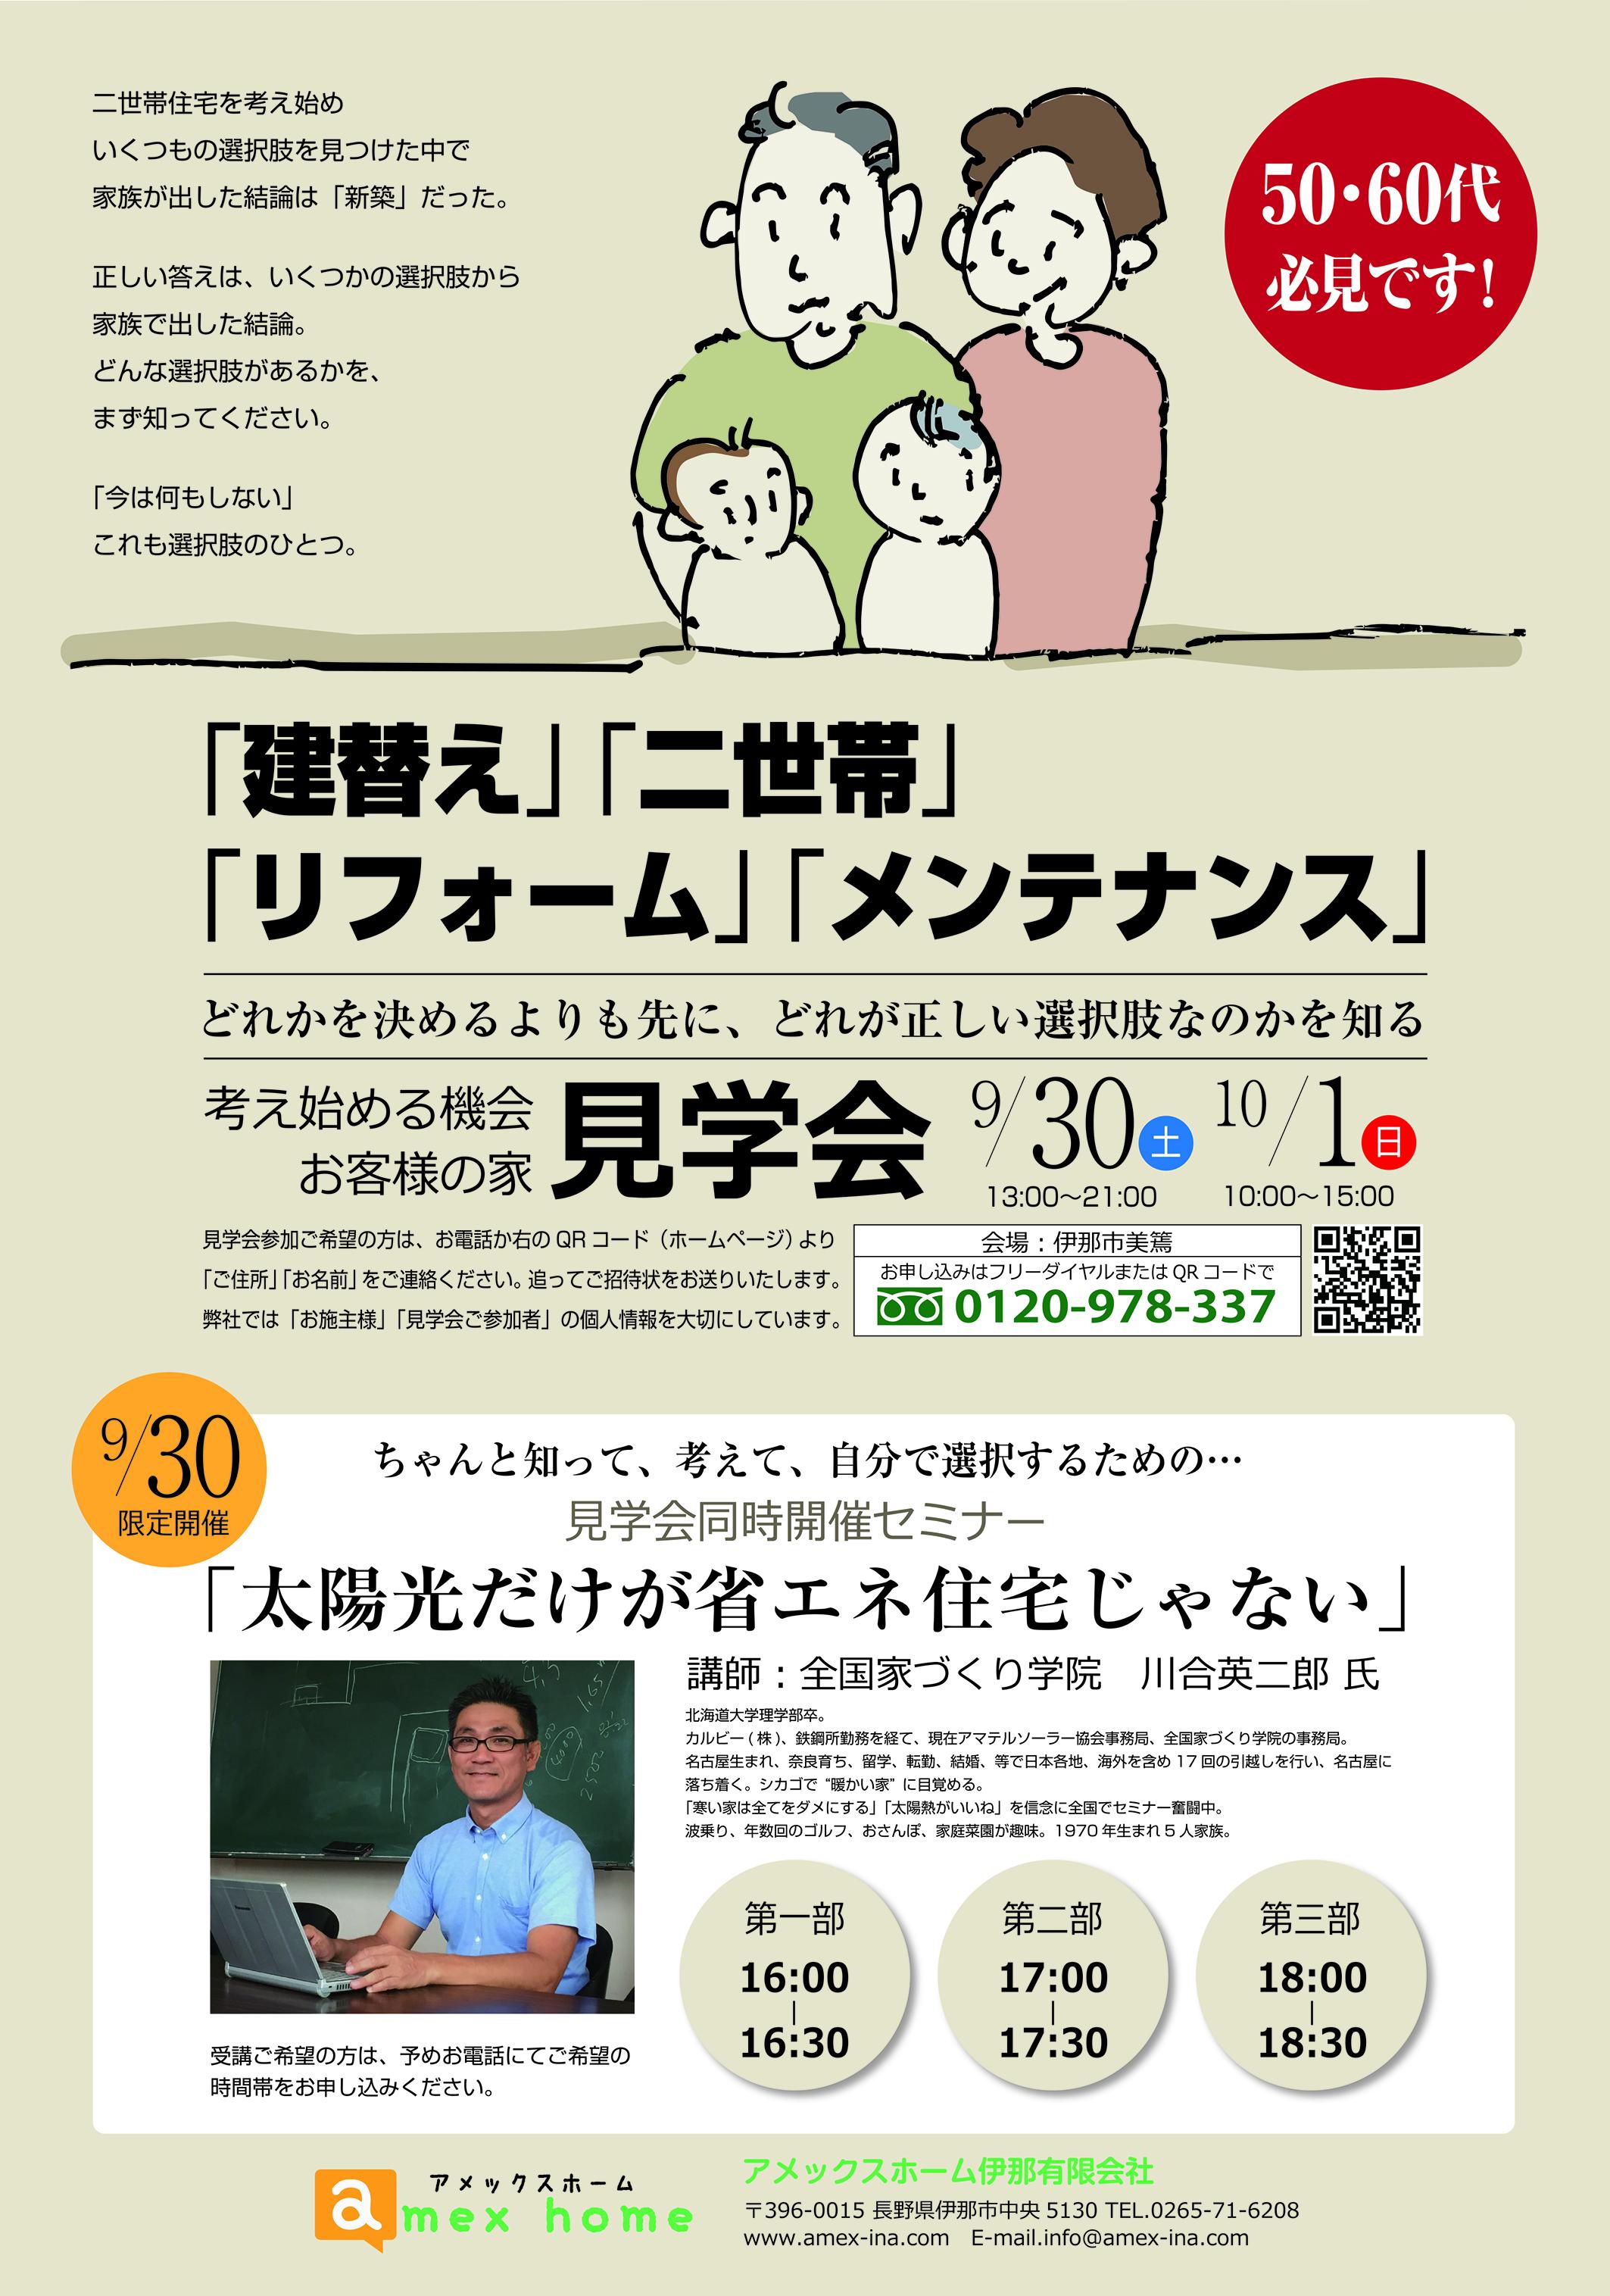 2017年9月30日(土)・10月1日(日)住宅見学会チラシ_01